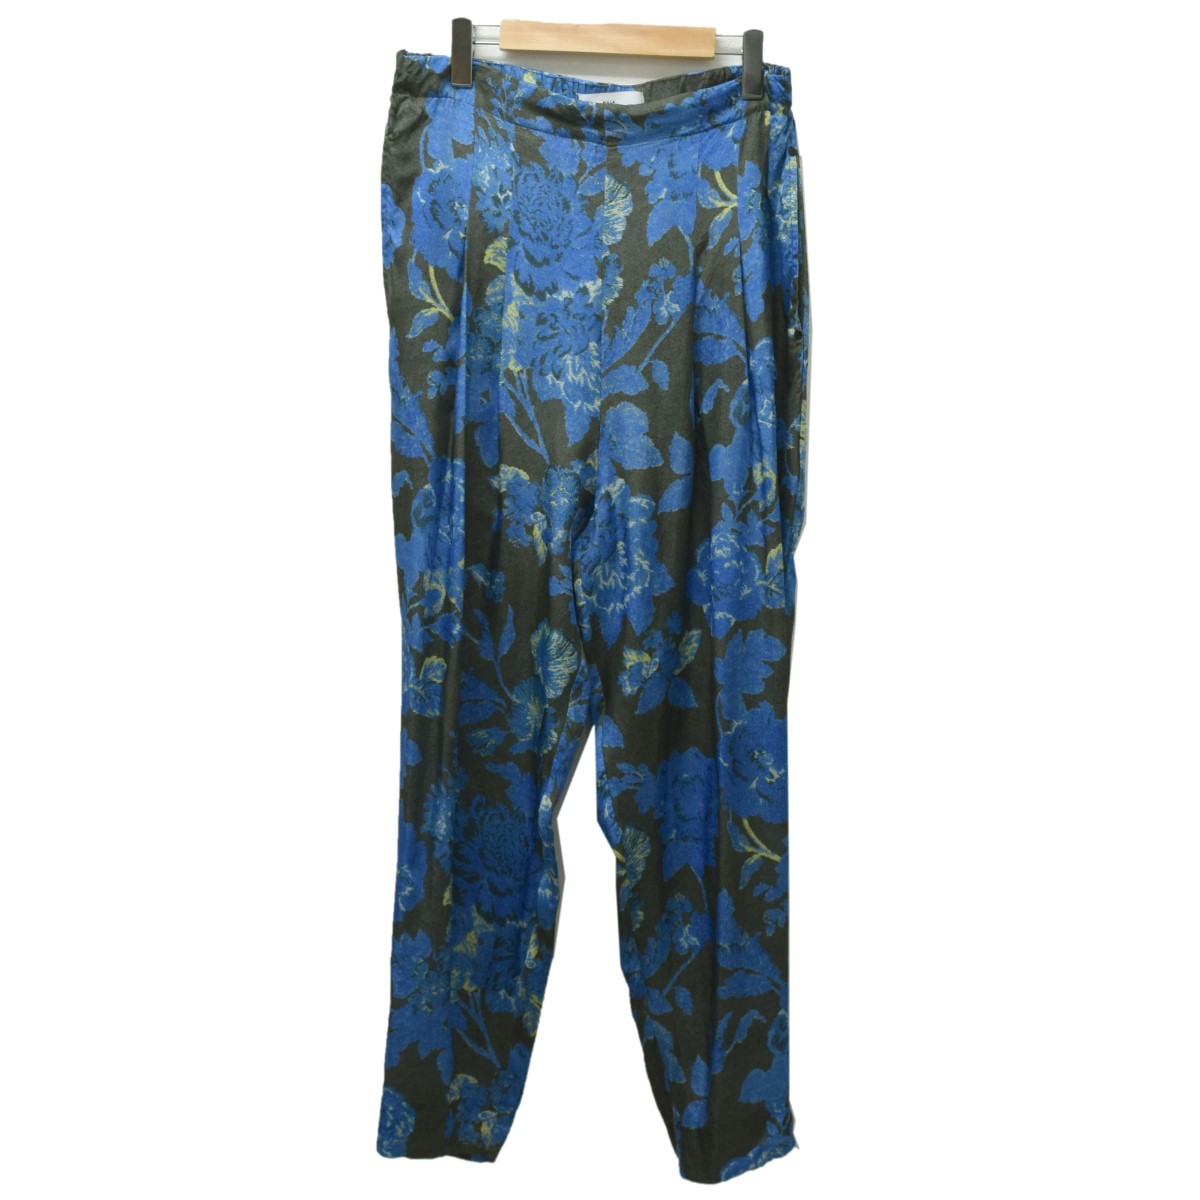 ボトムス, パンツ TOGA PULLA Inner Pants 38 130421